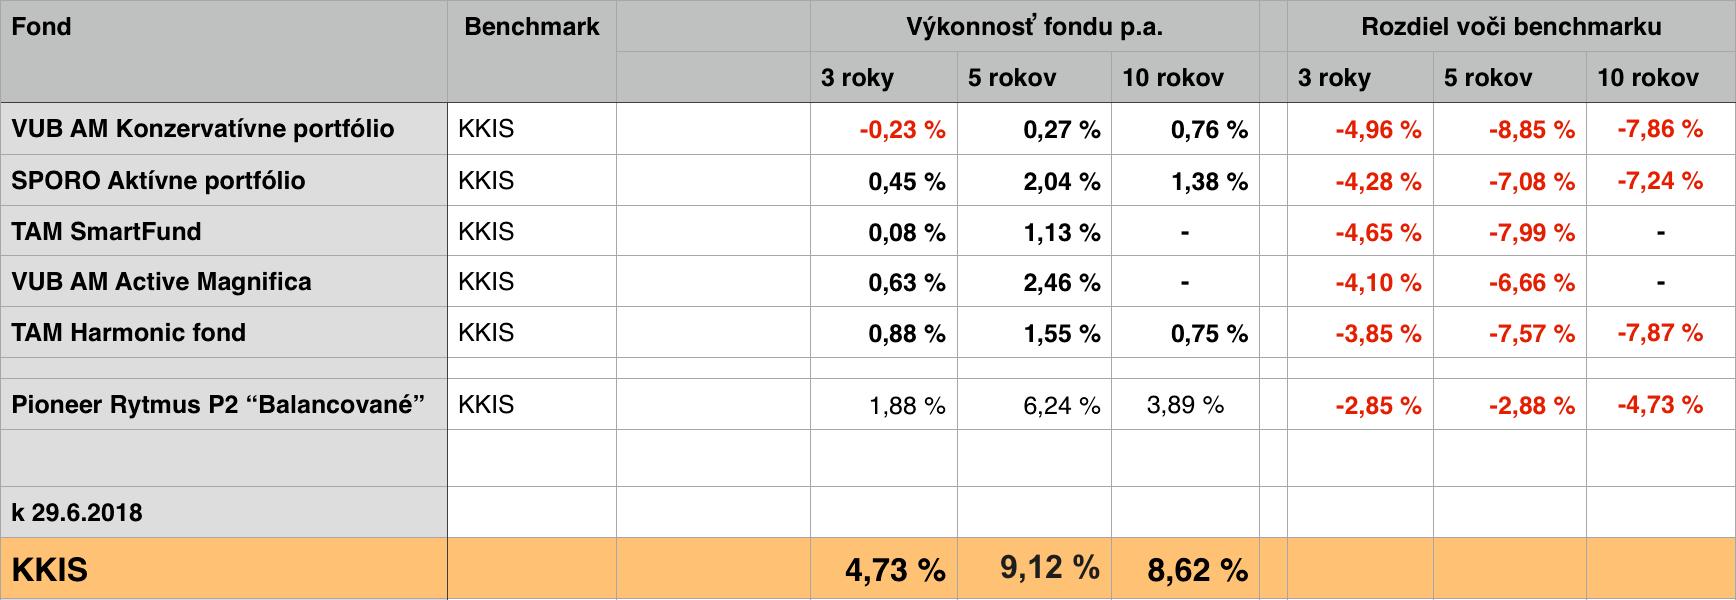 Podielové fondy zmiešané výkonnosť